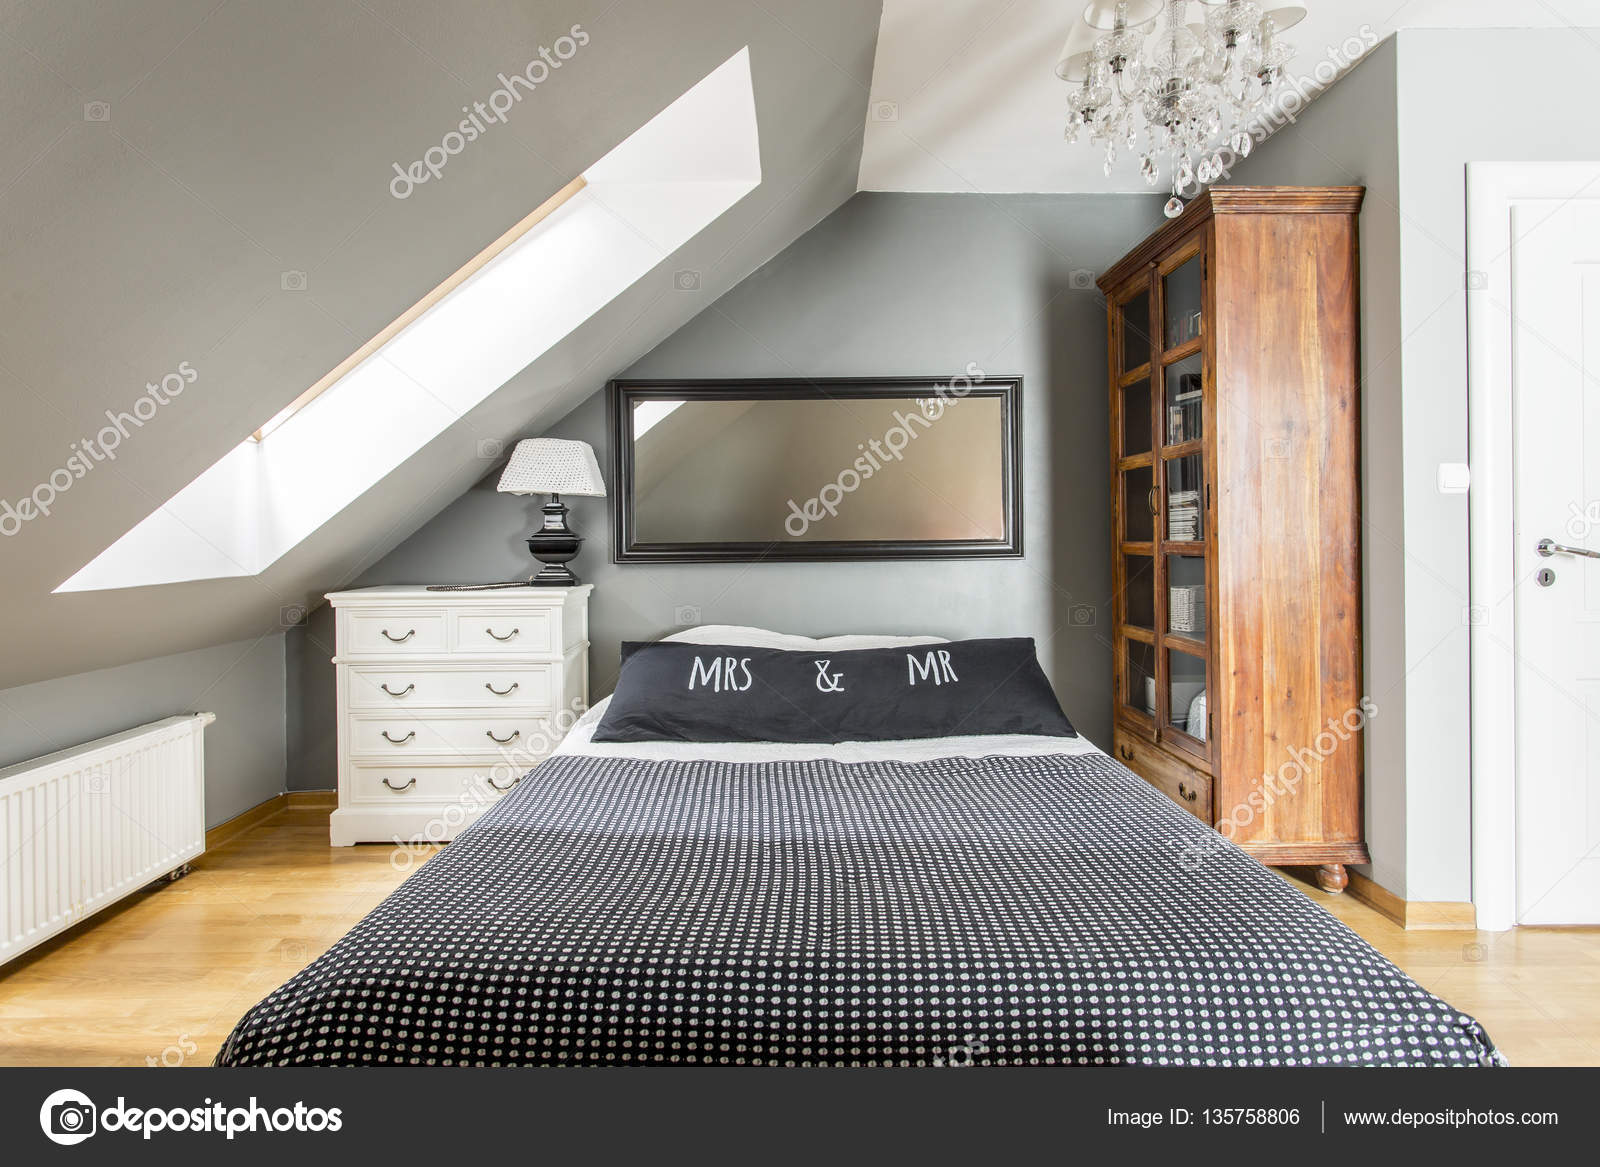 Lit King-Size dans la chambre à coucher moderne — Photographie ...